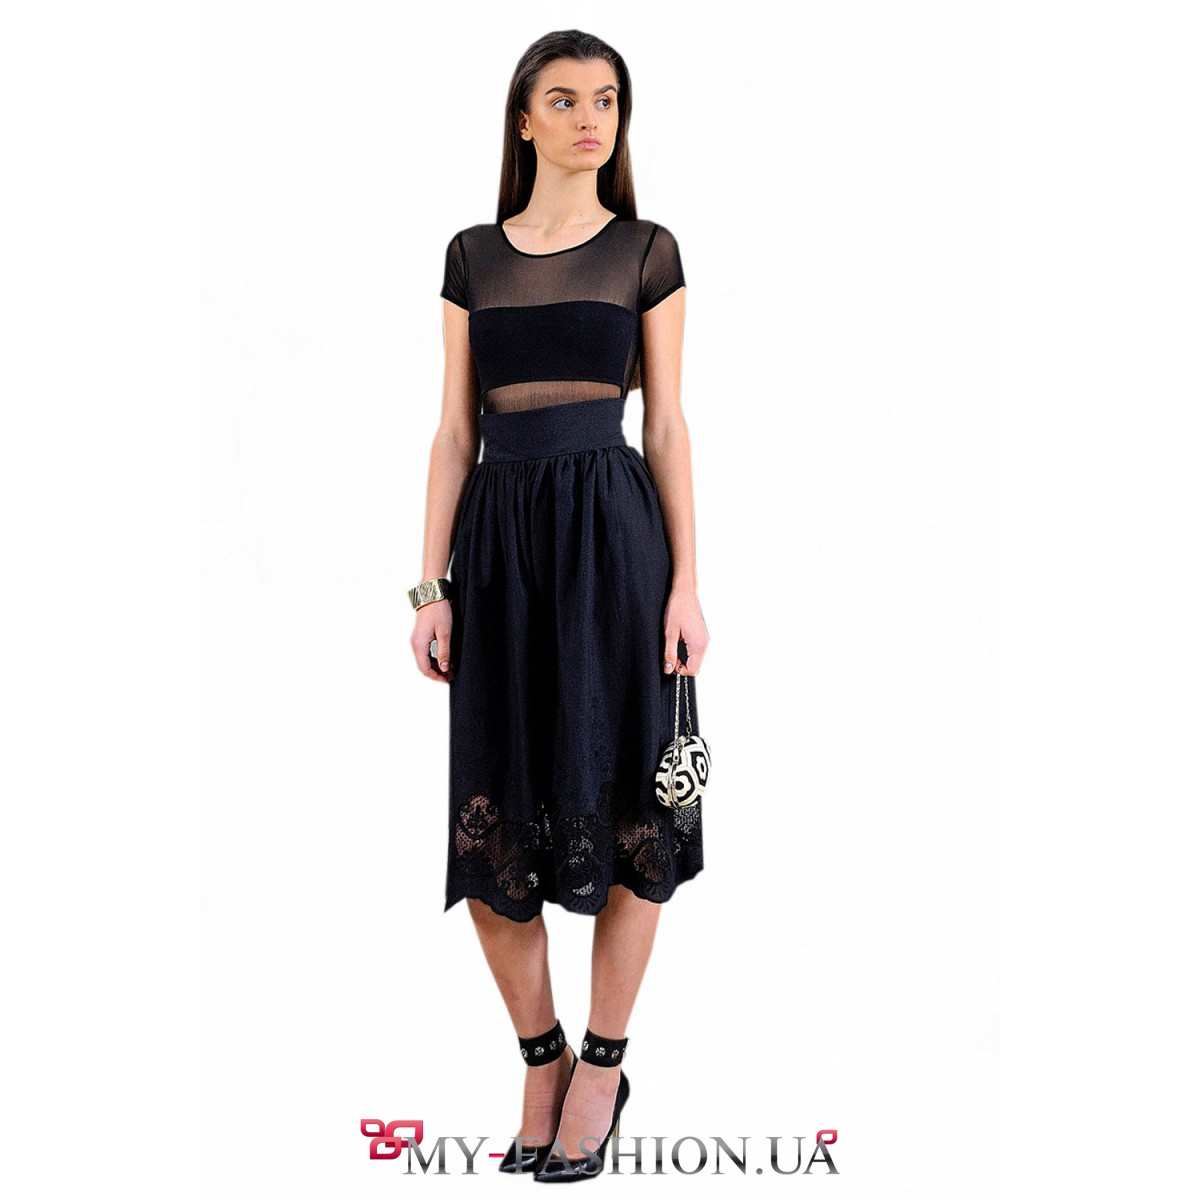 Чёрная юбка-миди с вышивкой по подолу купить в интернет ... - photo#36